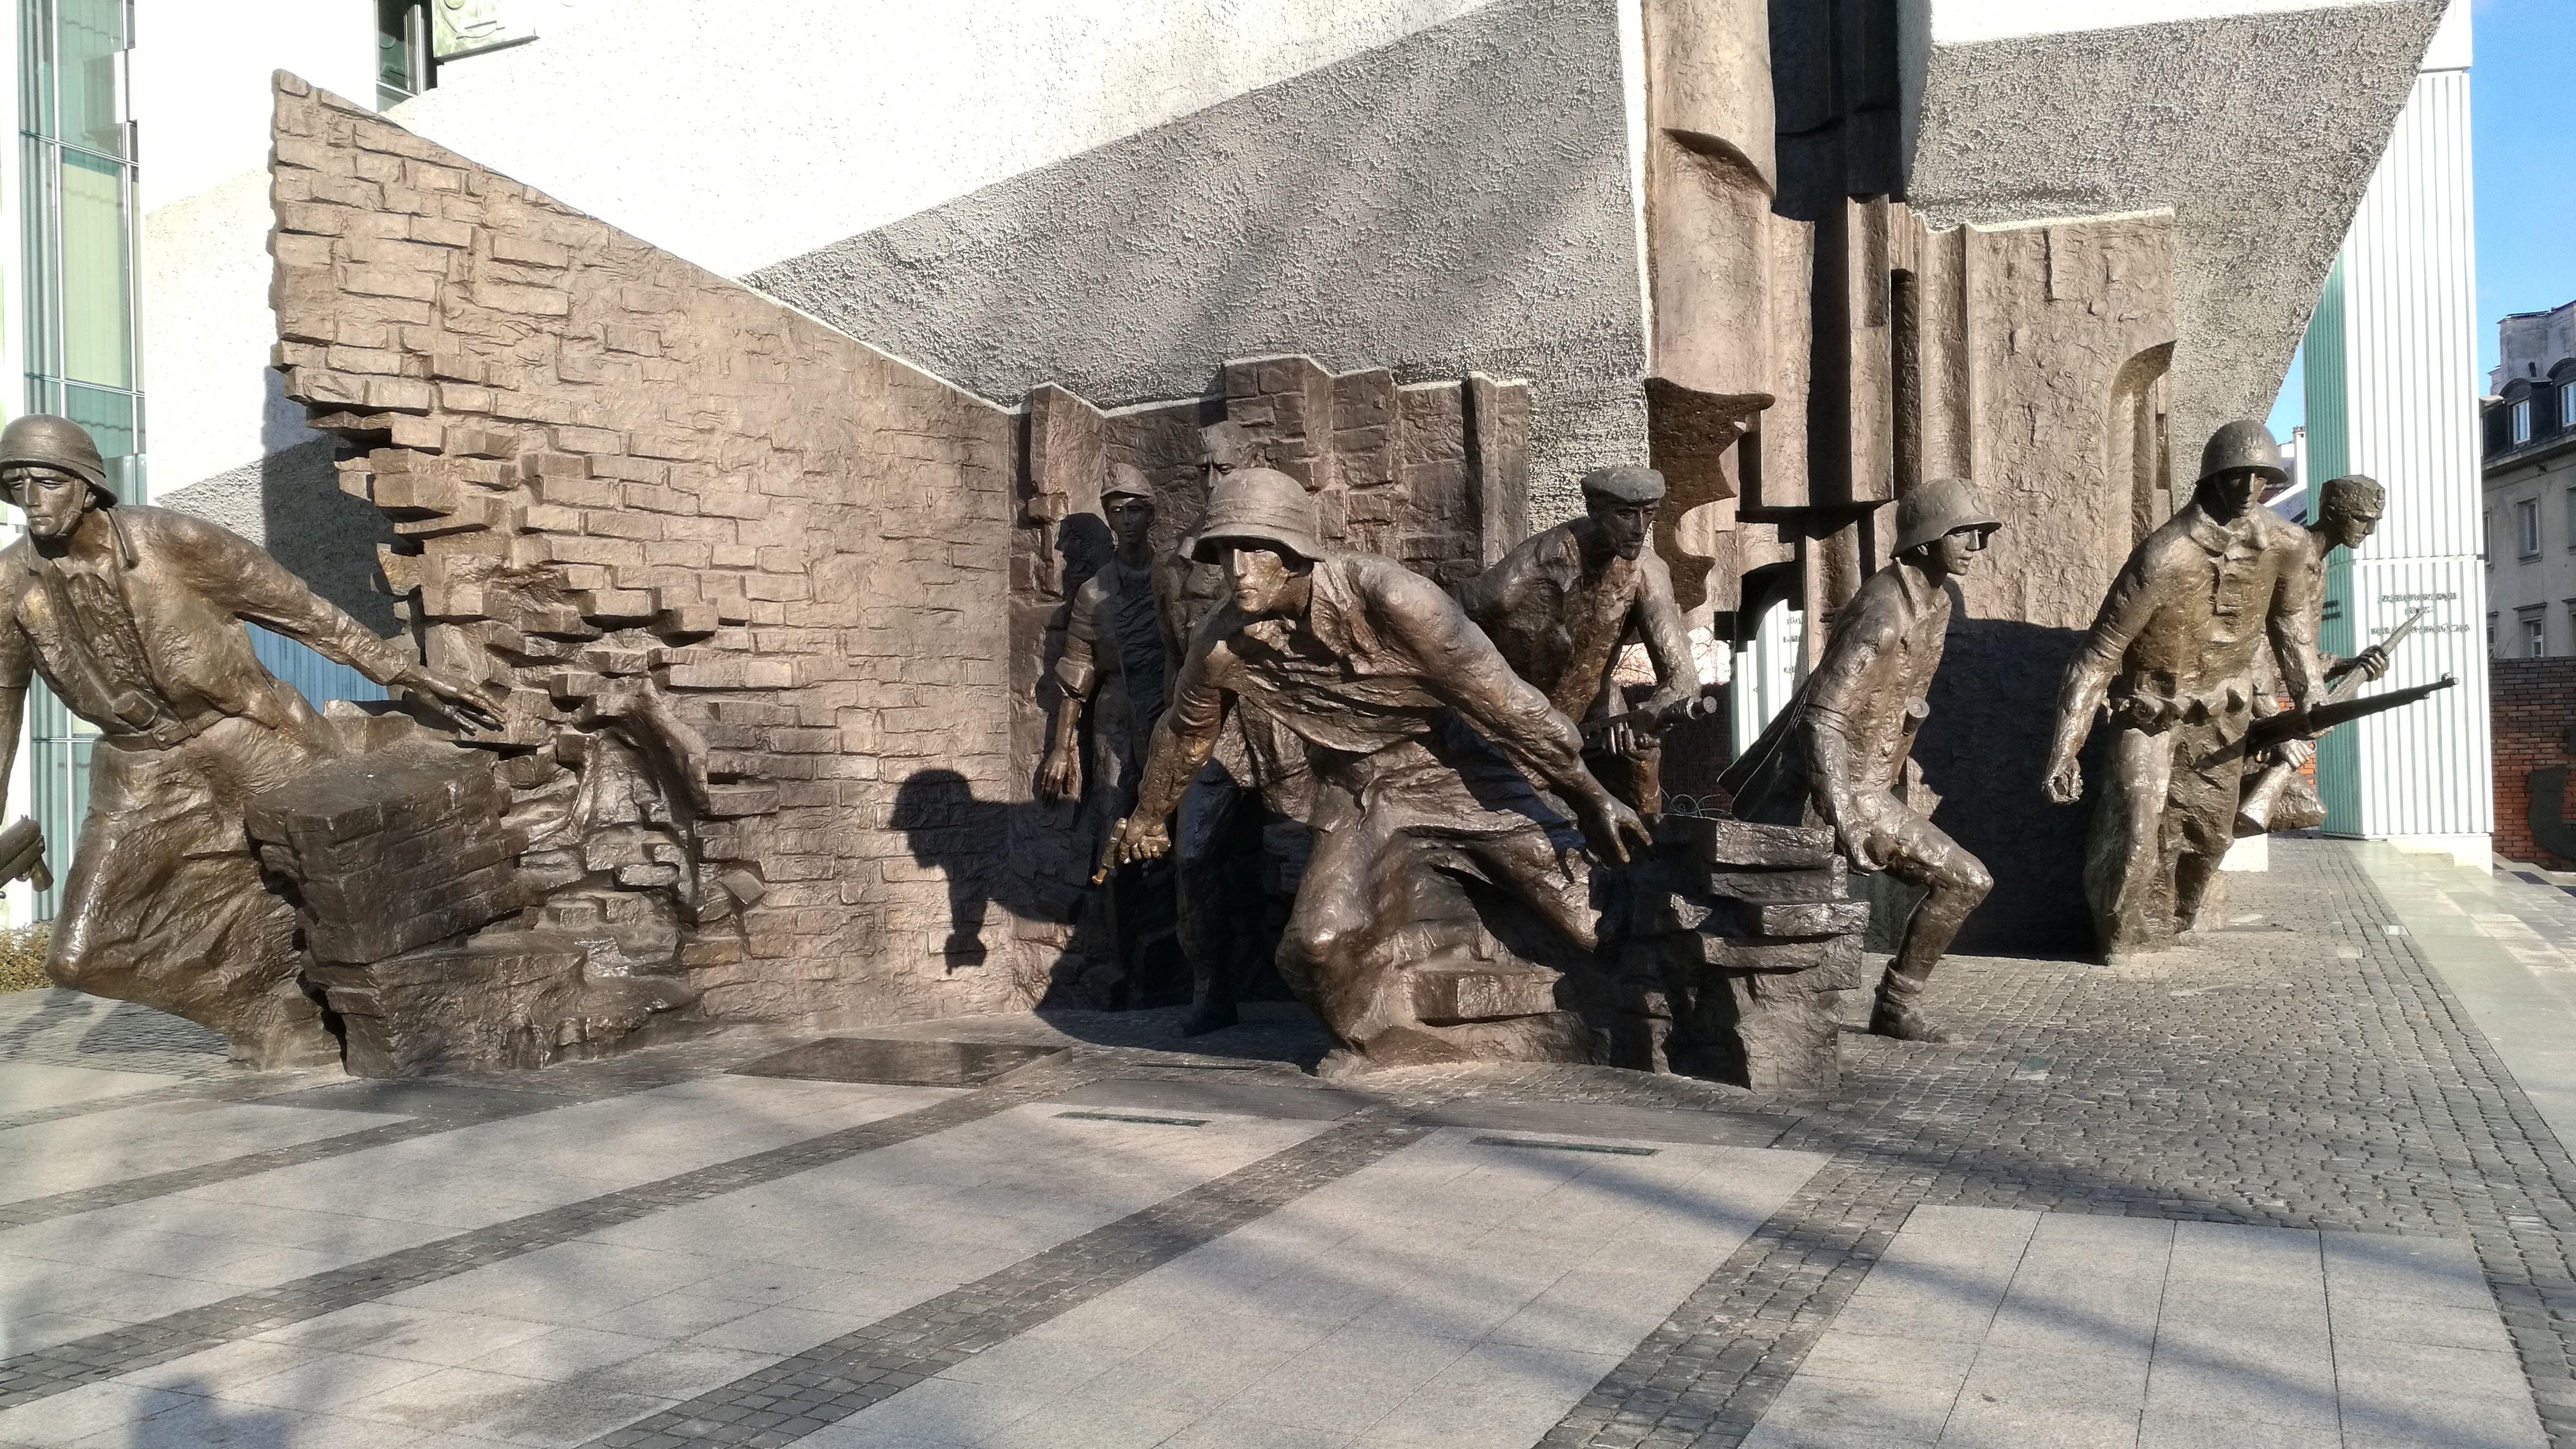 Monumento al levantamiento en el Gueto de Varsovia